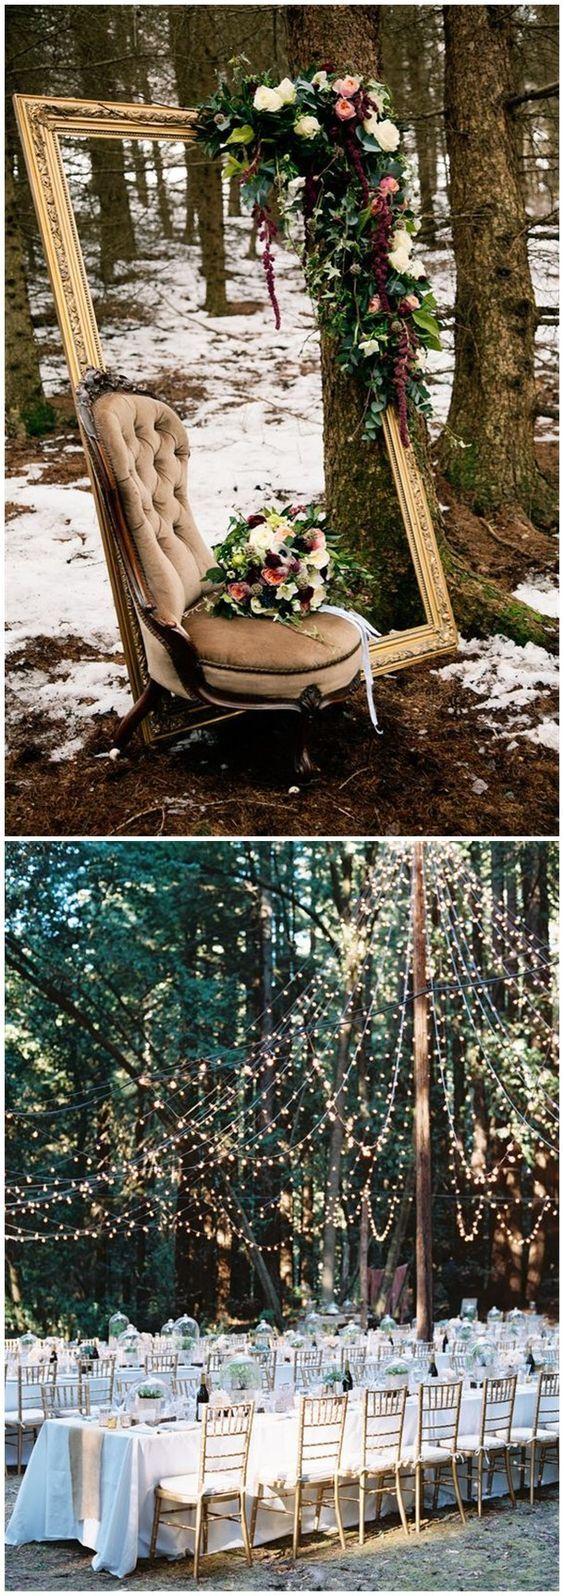 Wedding decoration ideas at church   Woodland Wedding Ideas You Can Get Inspired  Weddings Wedding